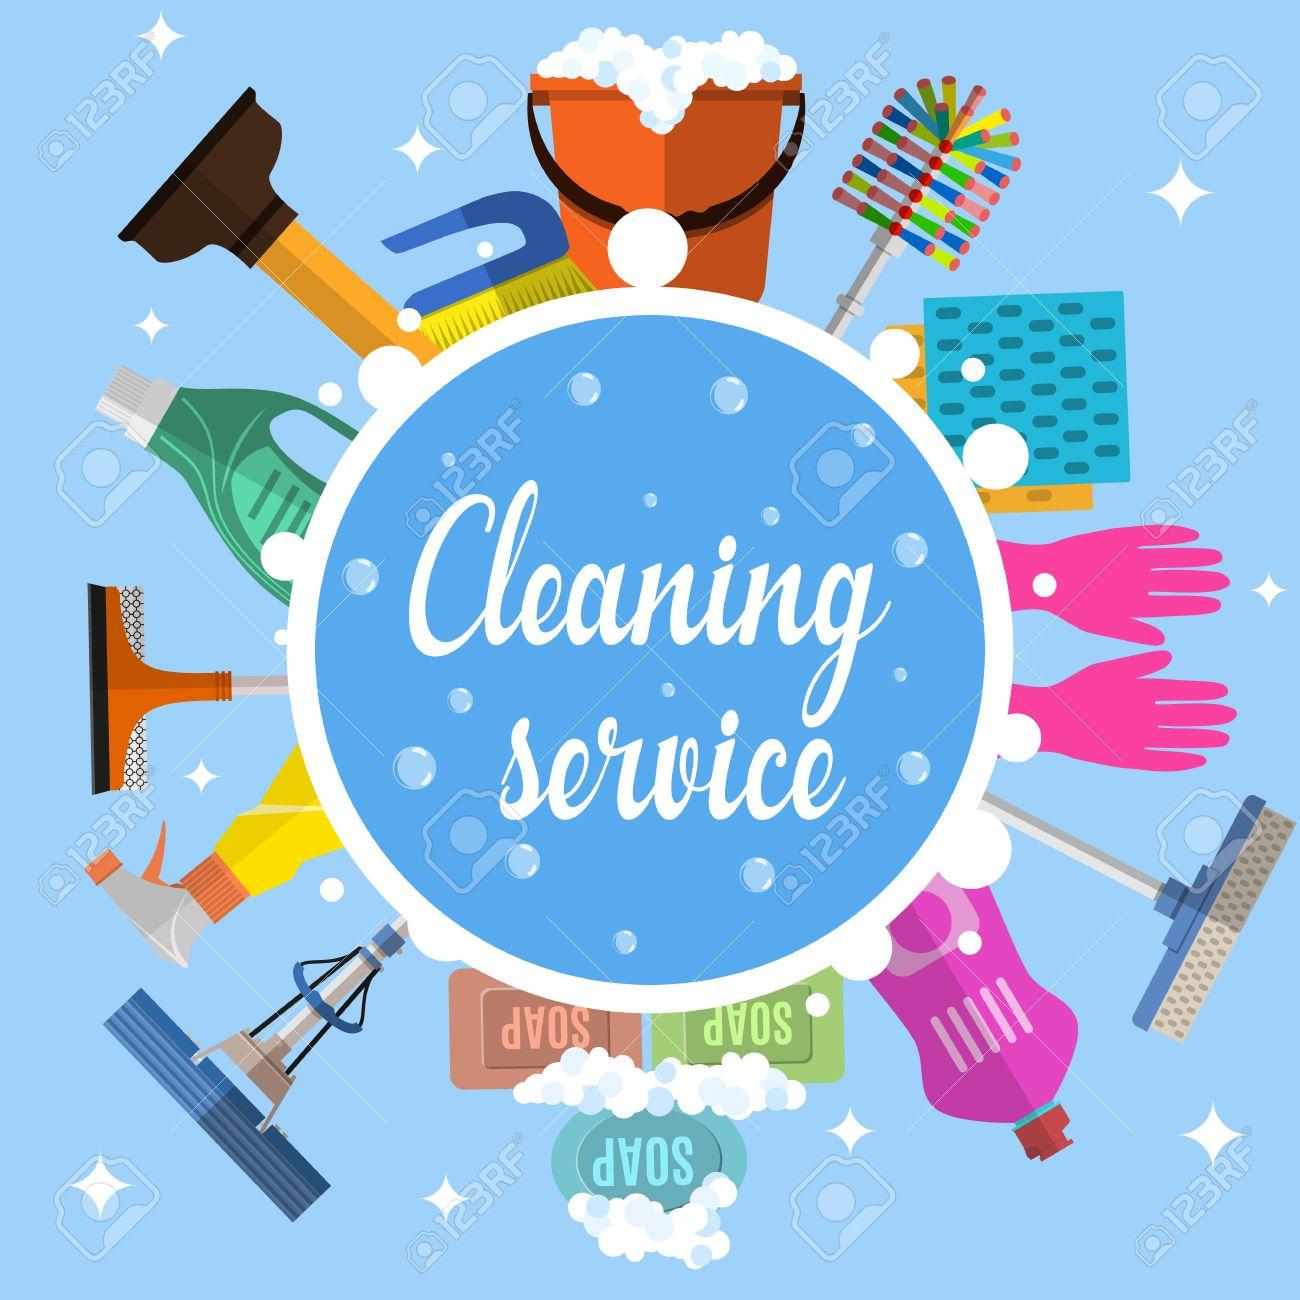 Картинки по запросу Cleaning Services